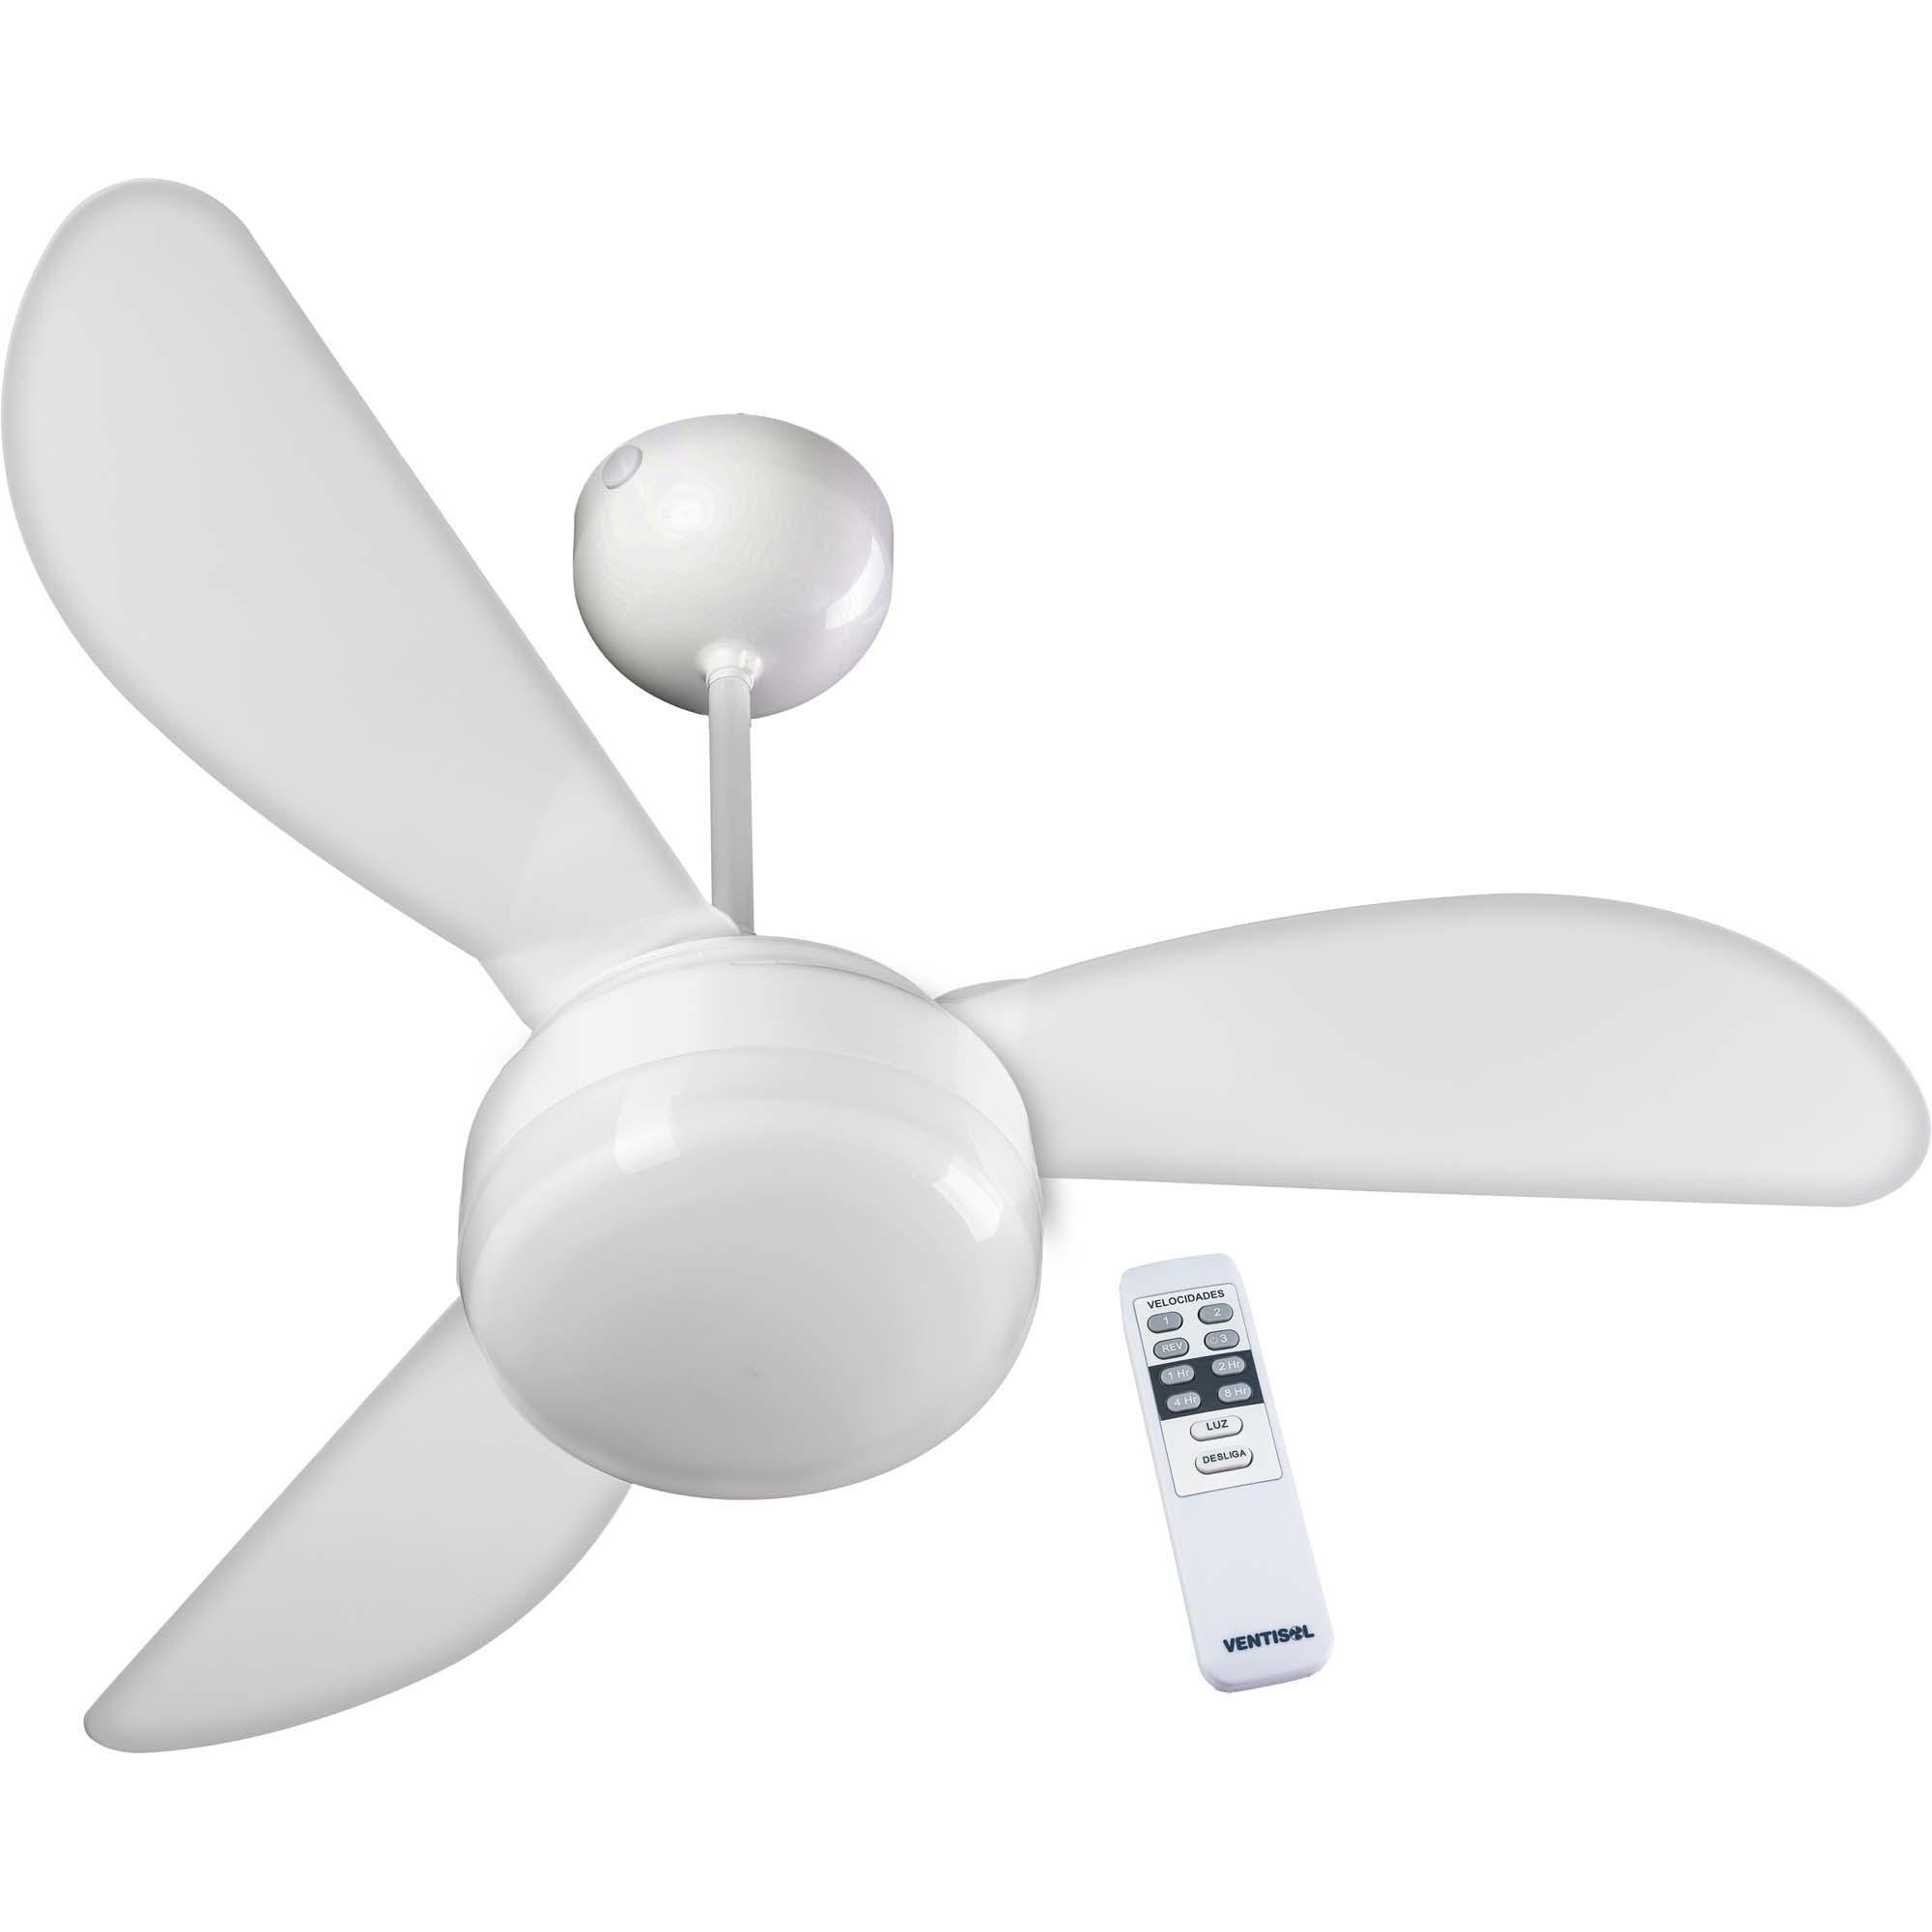 Ventilador de Teto 3 Pás 127V com Controle FENIX Branco VENT